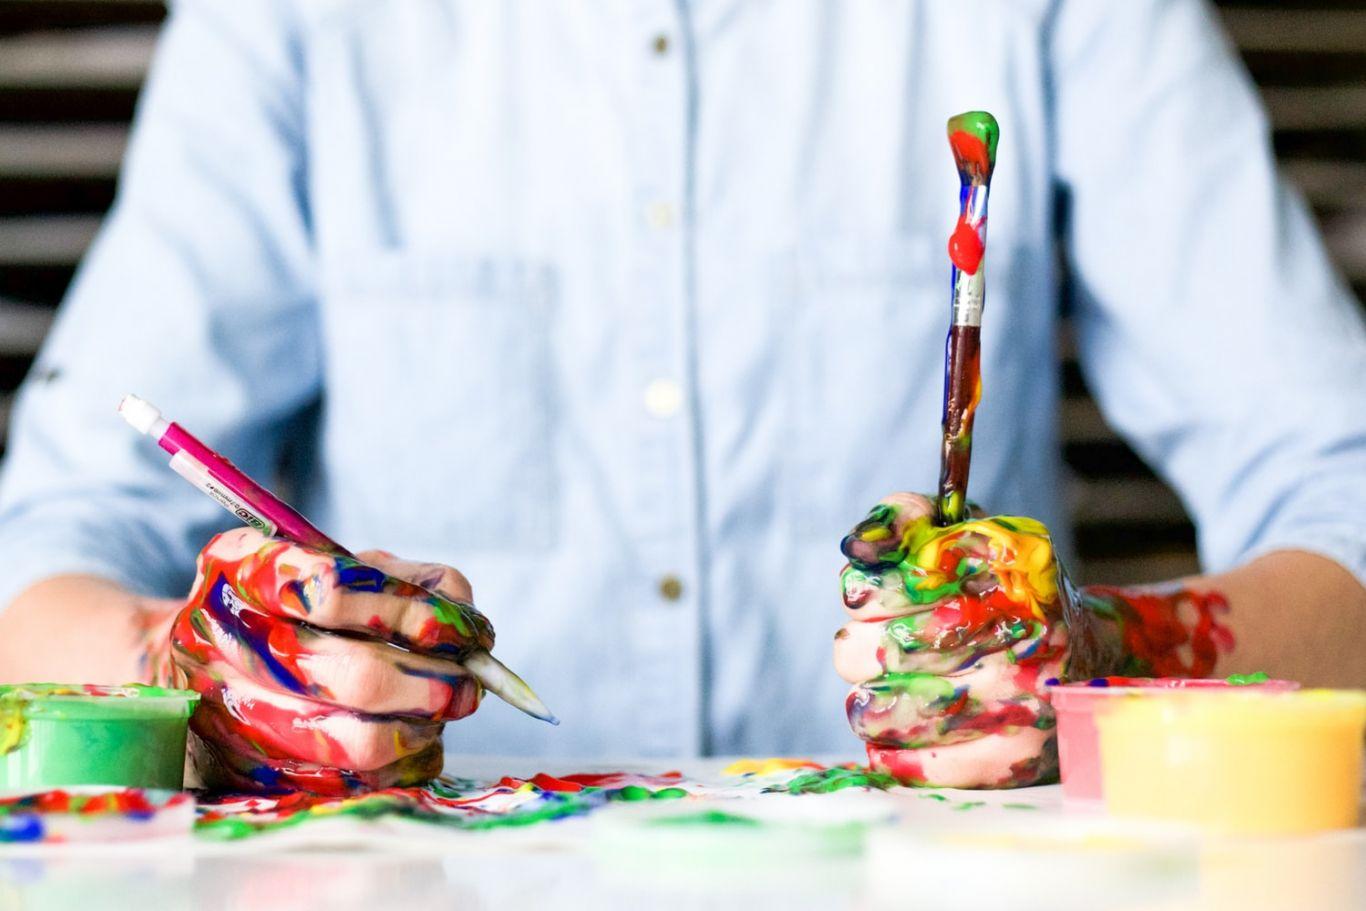 Pessoa com camisa social segura um pincel sujo de tinta em uma mão e uma lapiseira em outra